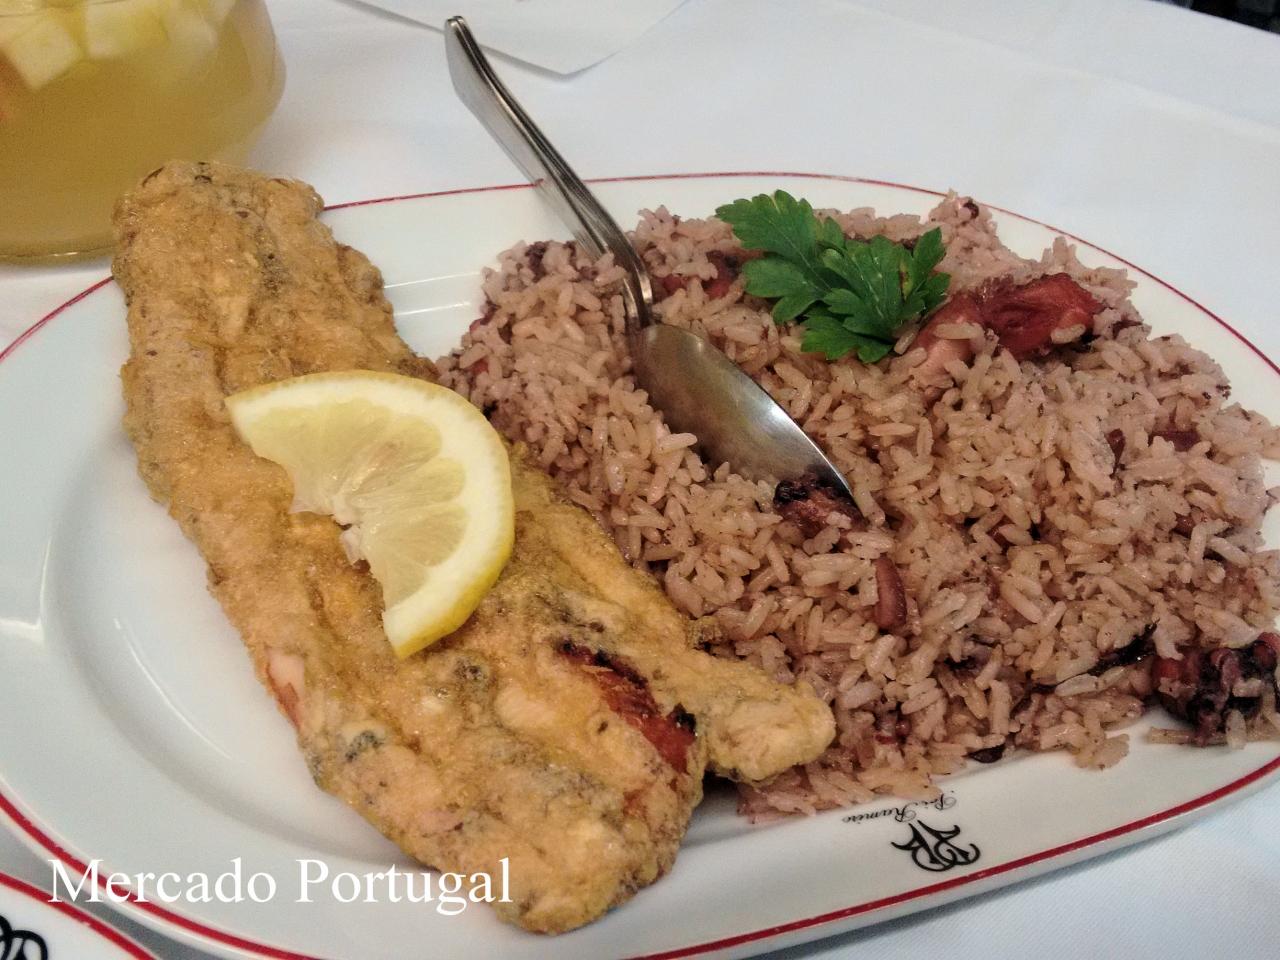 こちらは日本人の口コミ評価が高いポルトのレストラン、カーザ・アレイショ(Restaurante Casa Aleixo)の看板メニュー。柔らかいタコ天ぷらと一緒に。